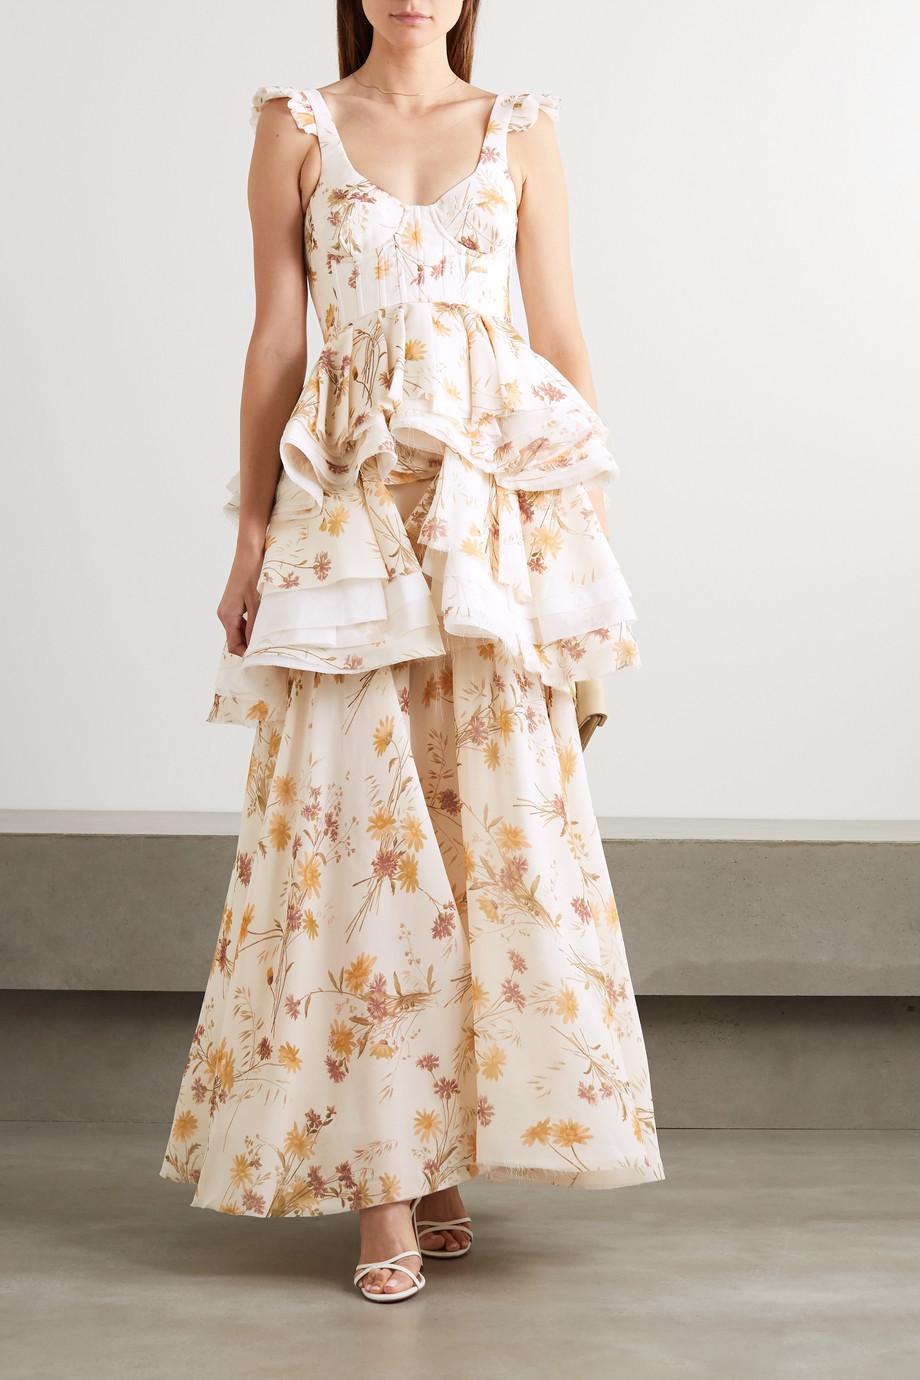 Brock Collection Robe aus Seide mit Blumenprint, Rüschen und Fransen